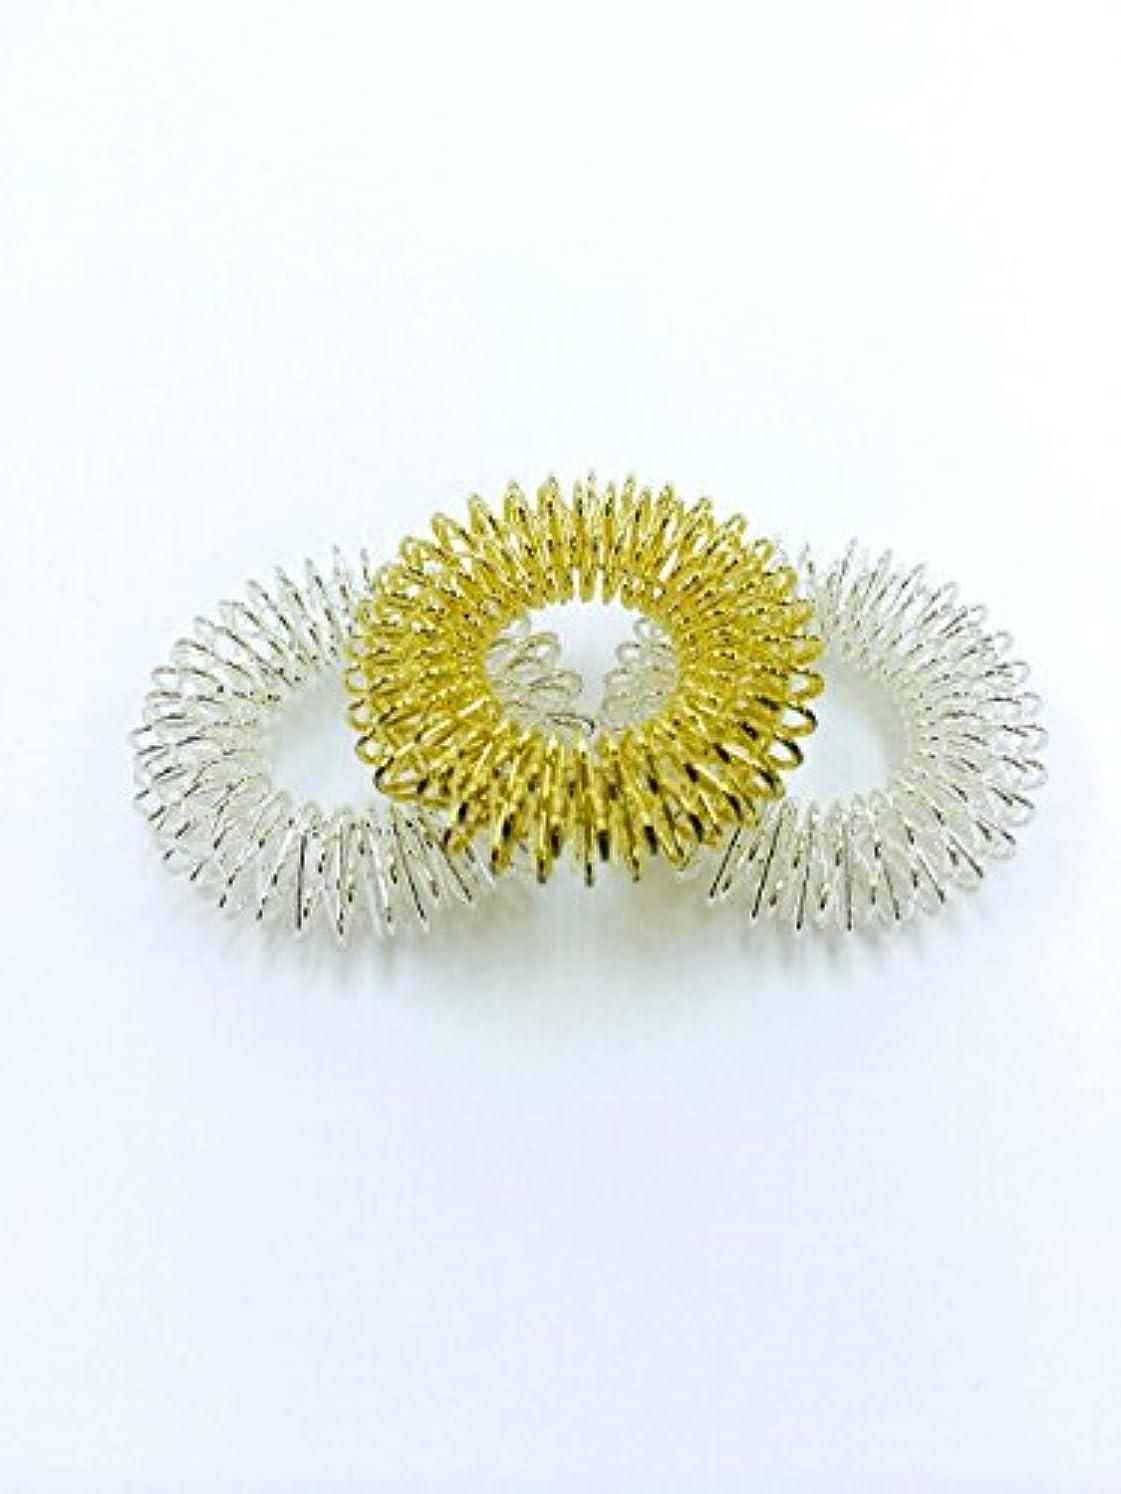 反対した歯科の画像指モミリング 3個セット (ゴールド×1、シルバー×2) ゆびだって揉んでほしい!